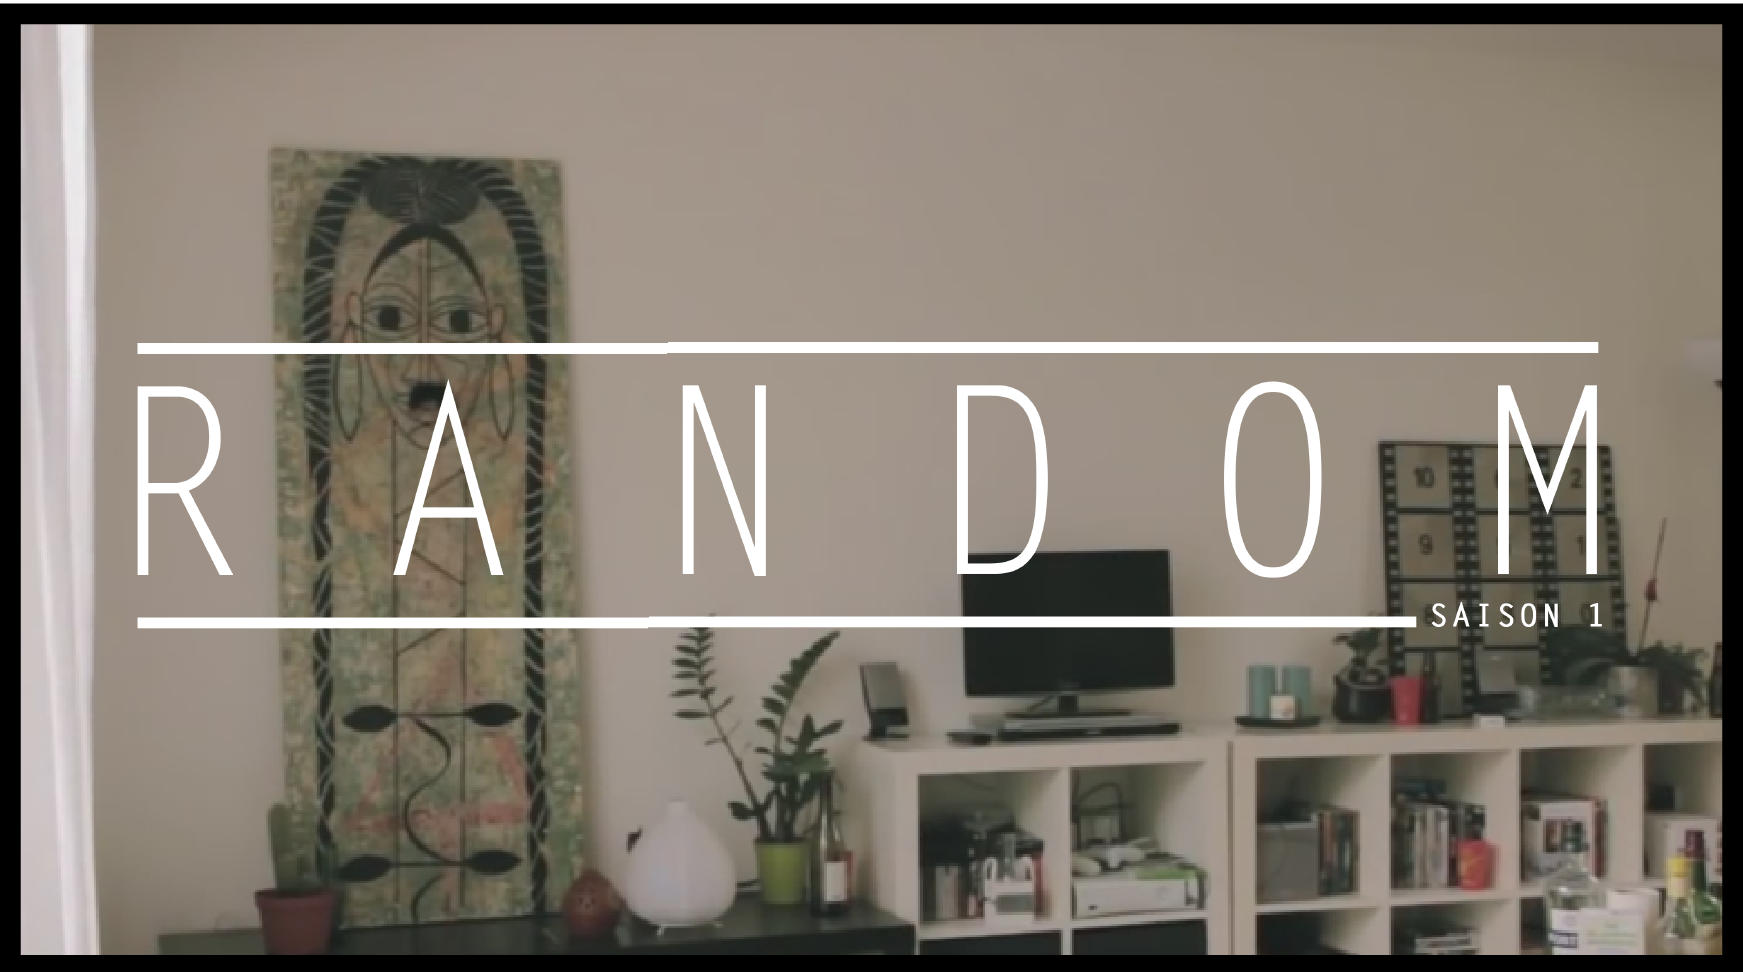 épisode 02, saison 01 - random